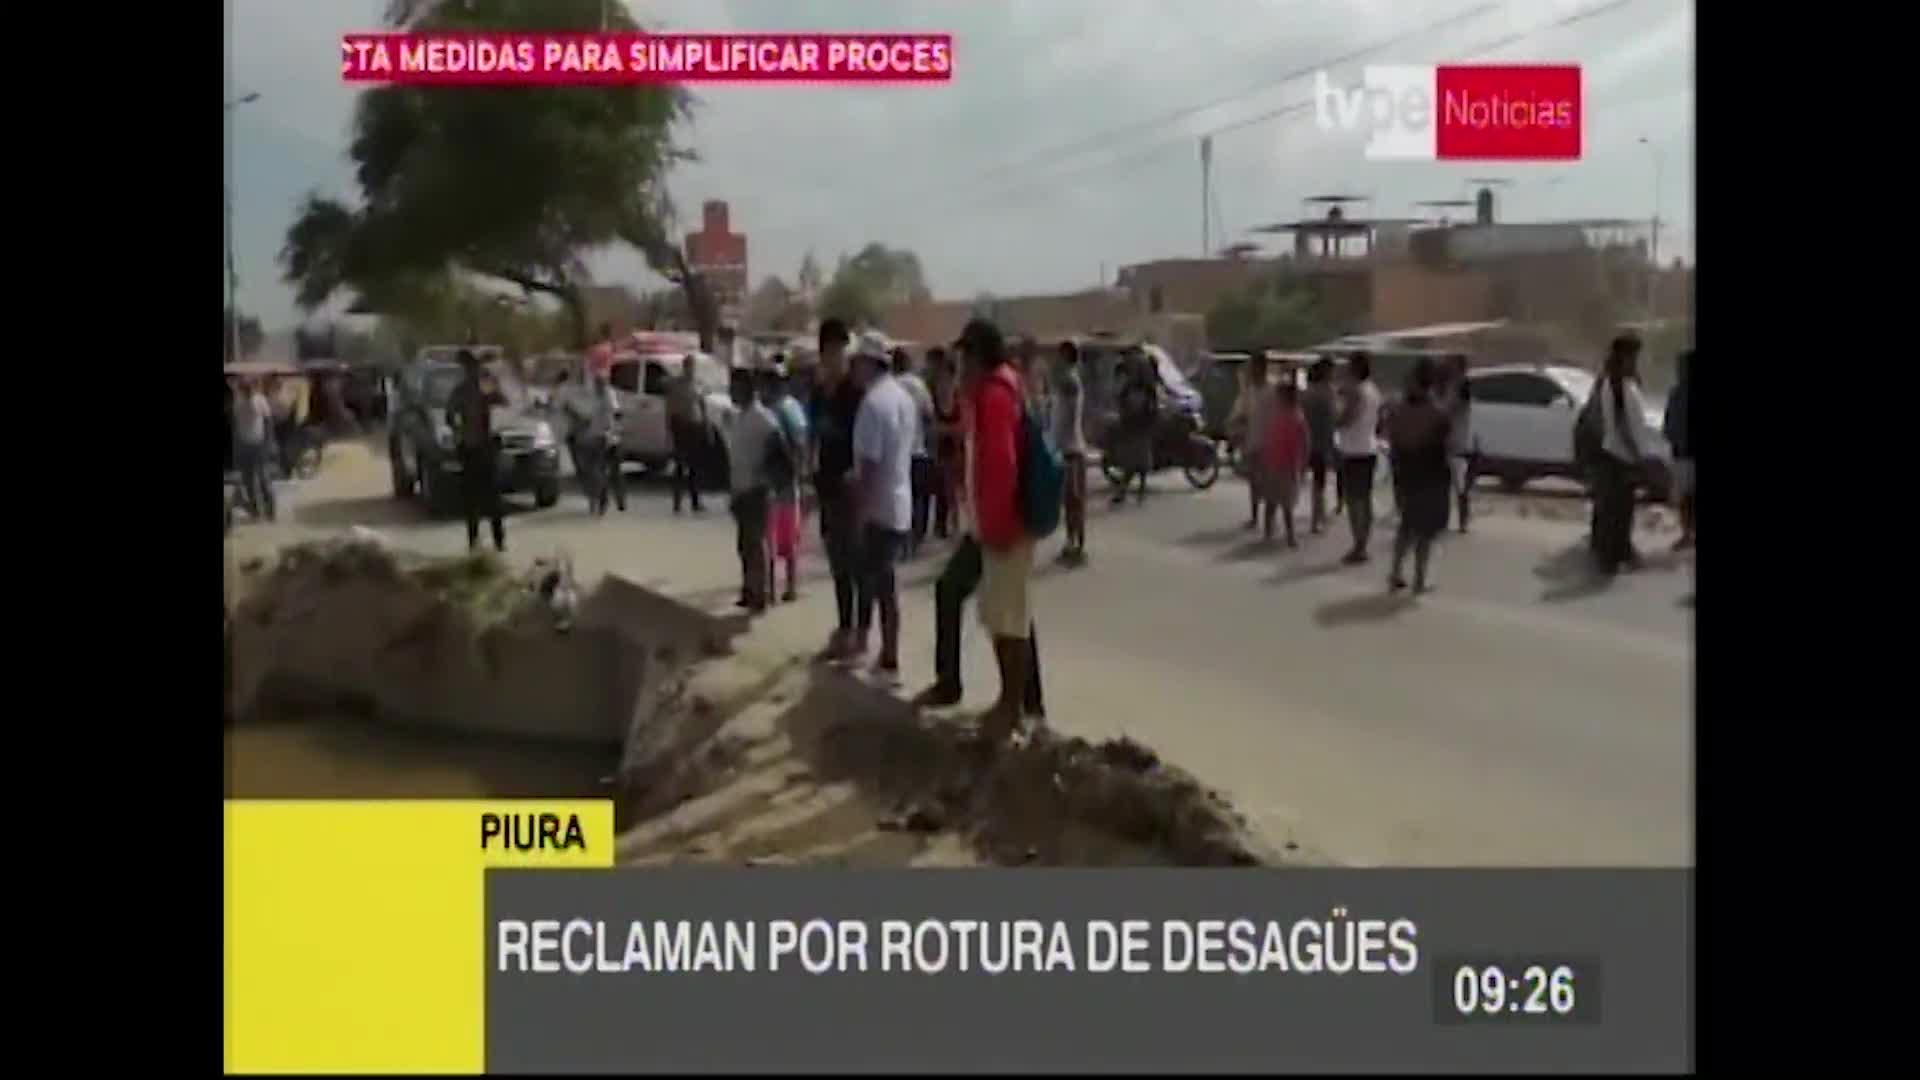 Piuranos reclaman por rotura de tubería de desagüe